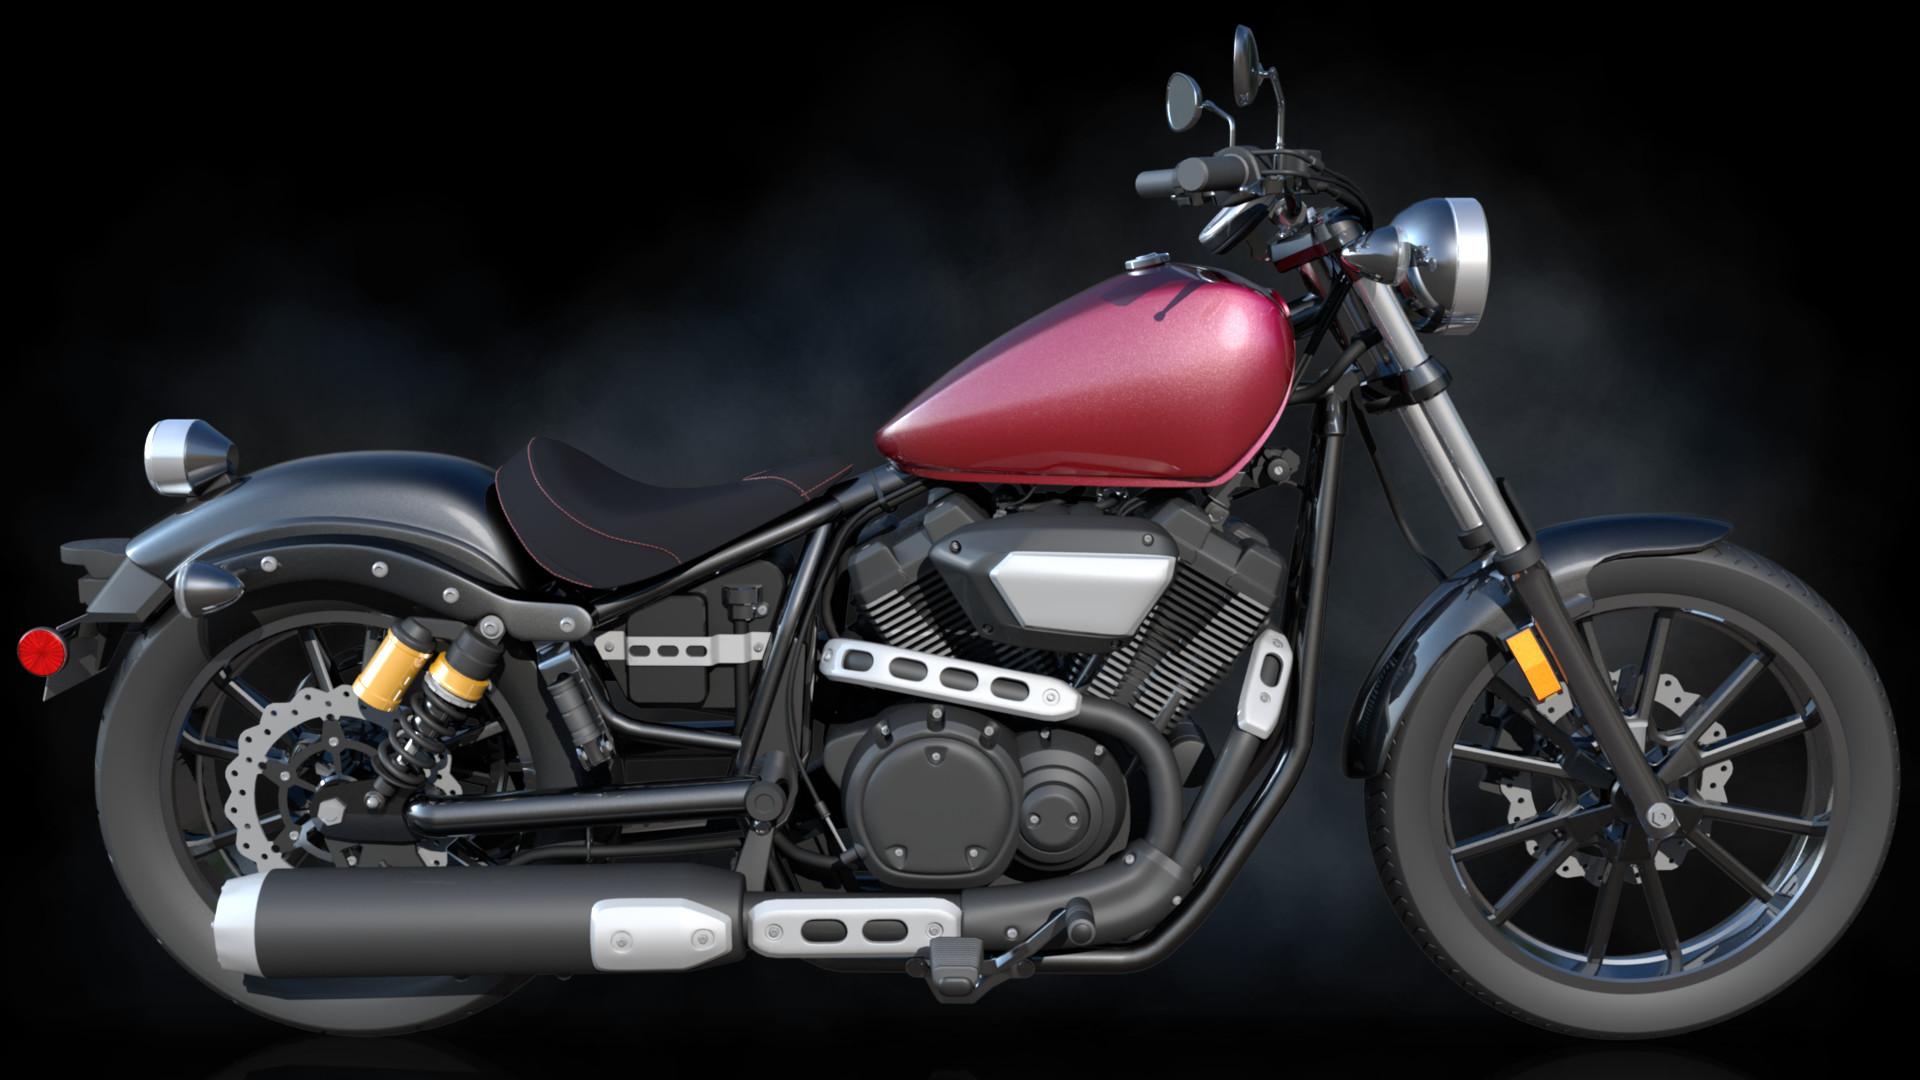 Alexander szopinski motorcycles edit 1 2